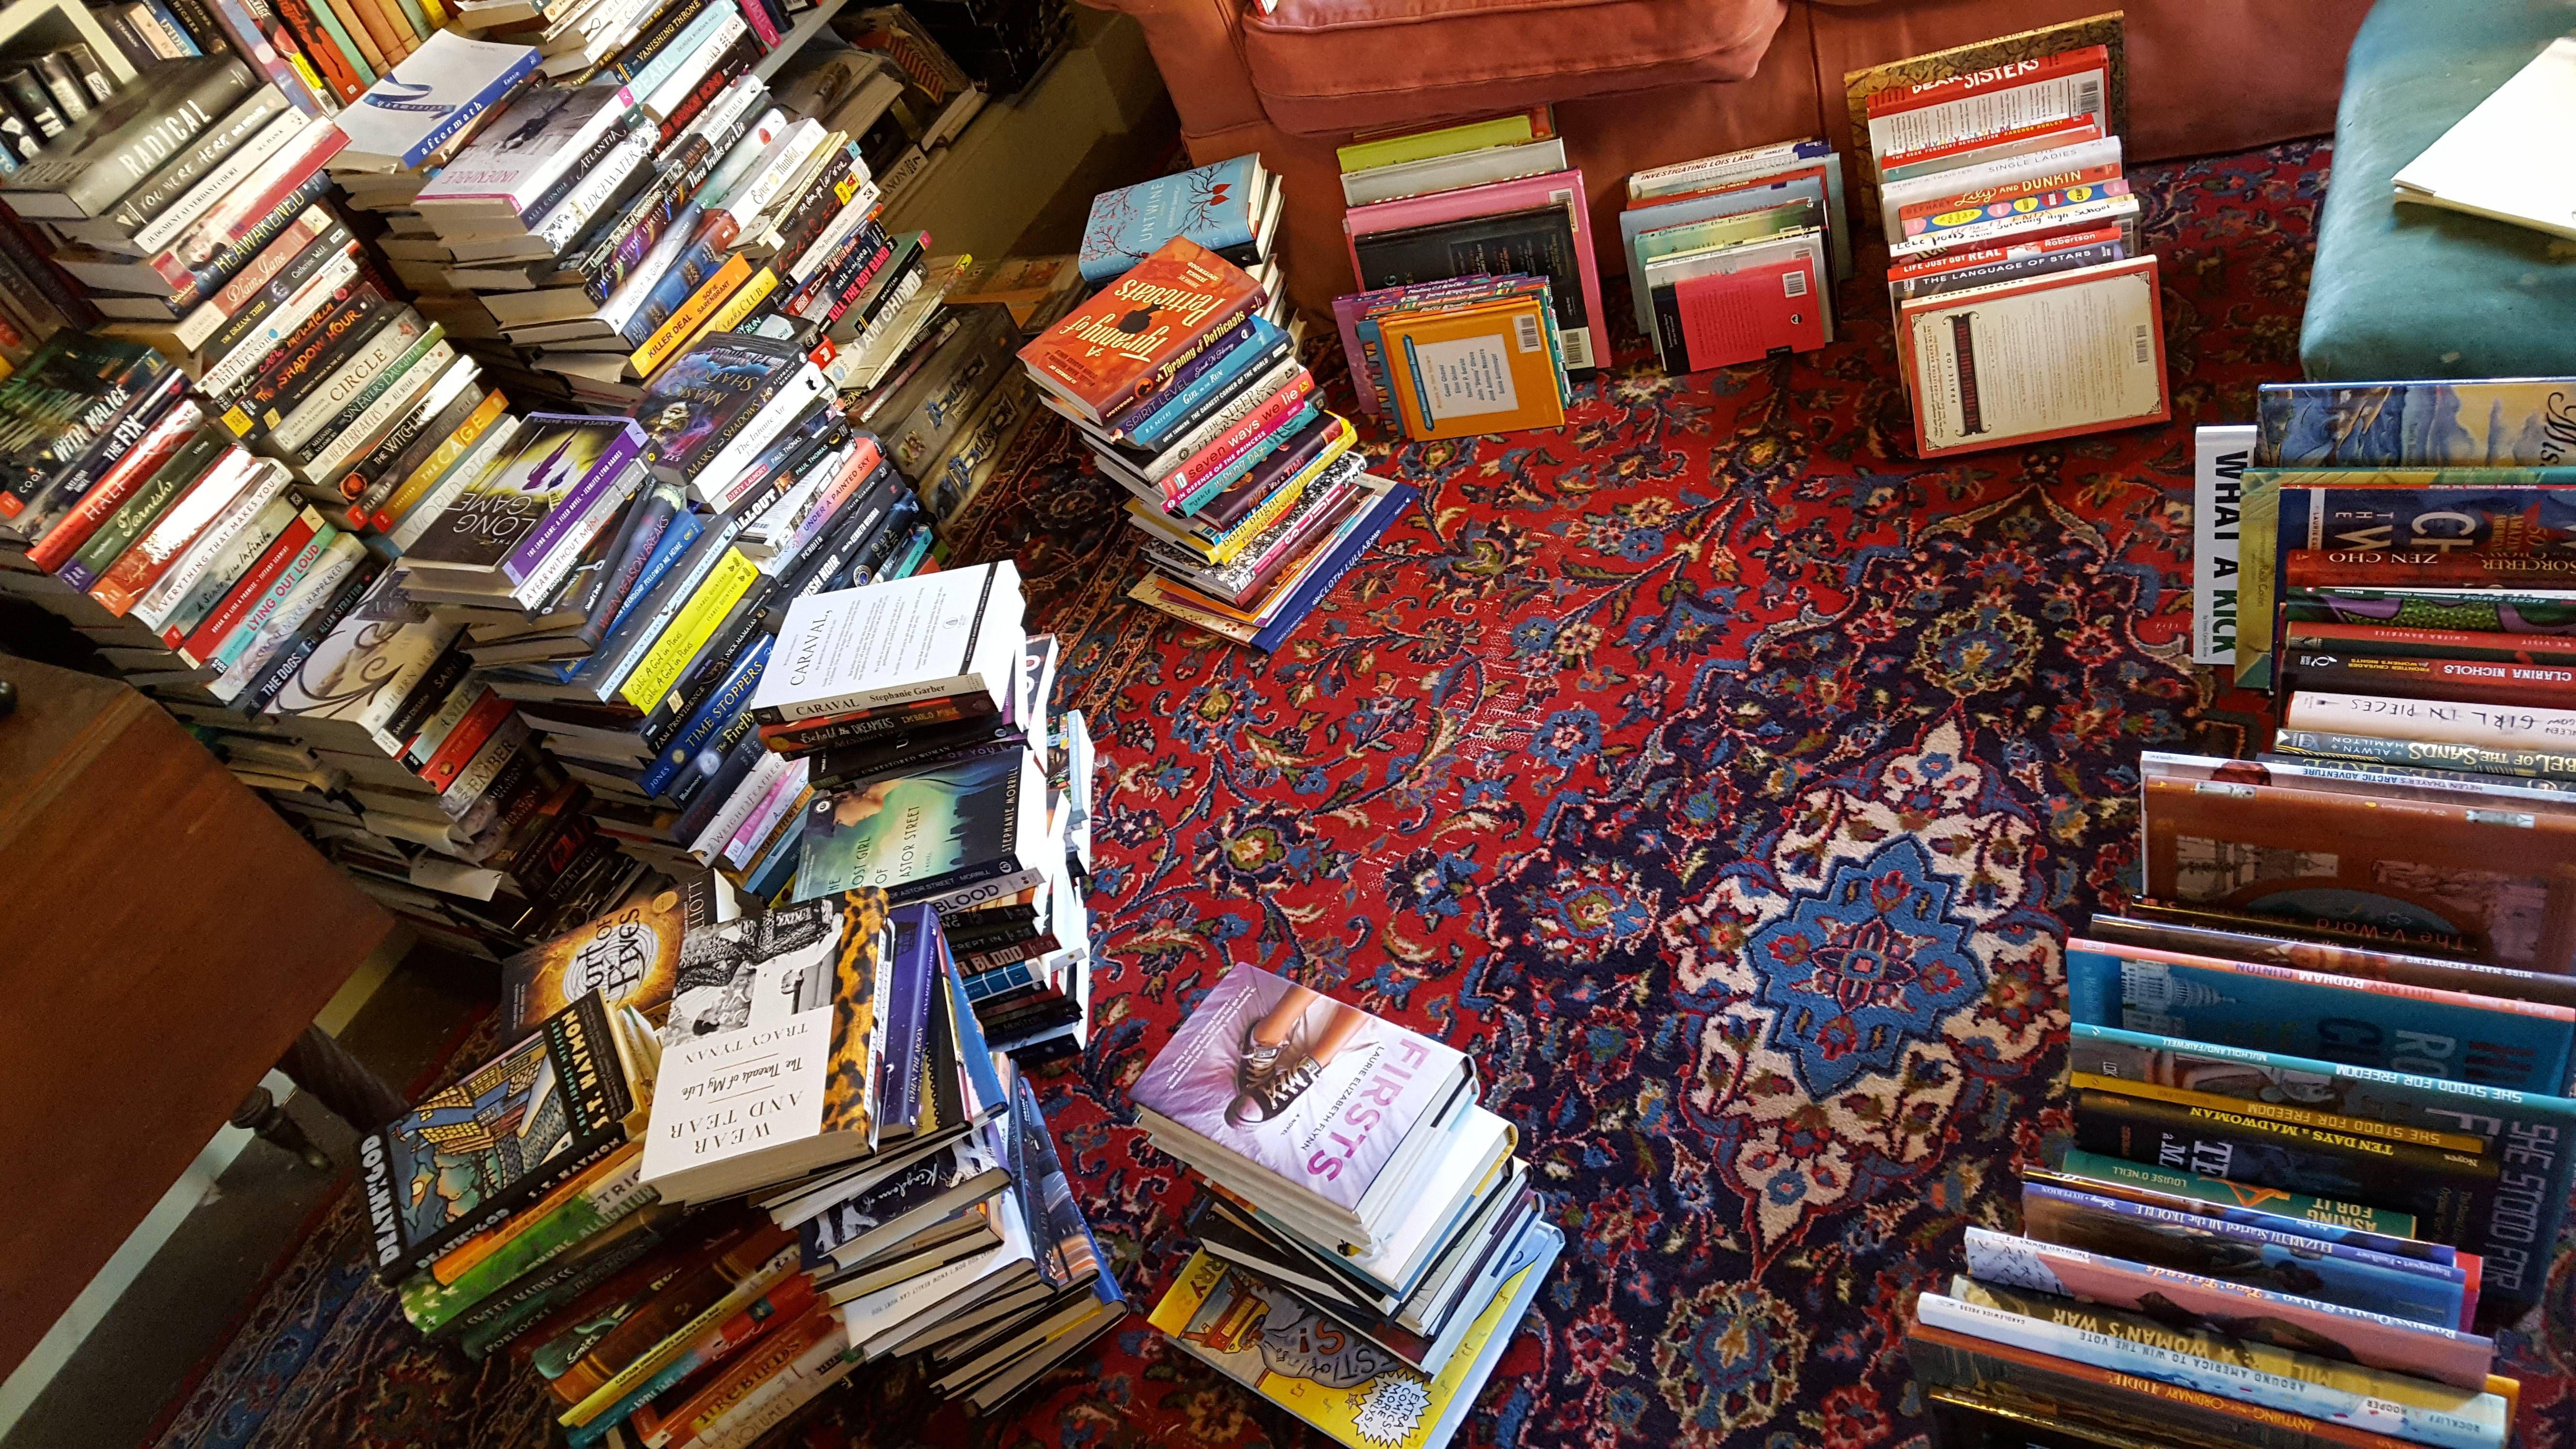 sorting-sorting-sorting